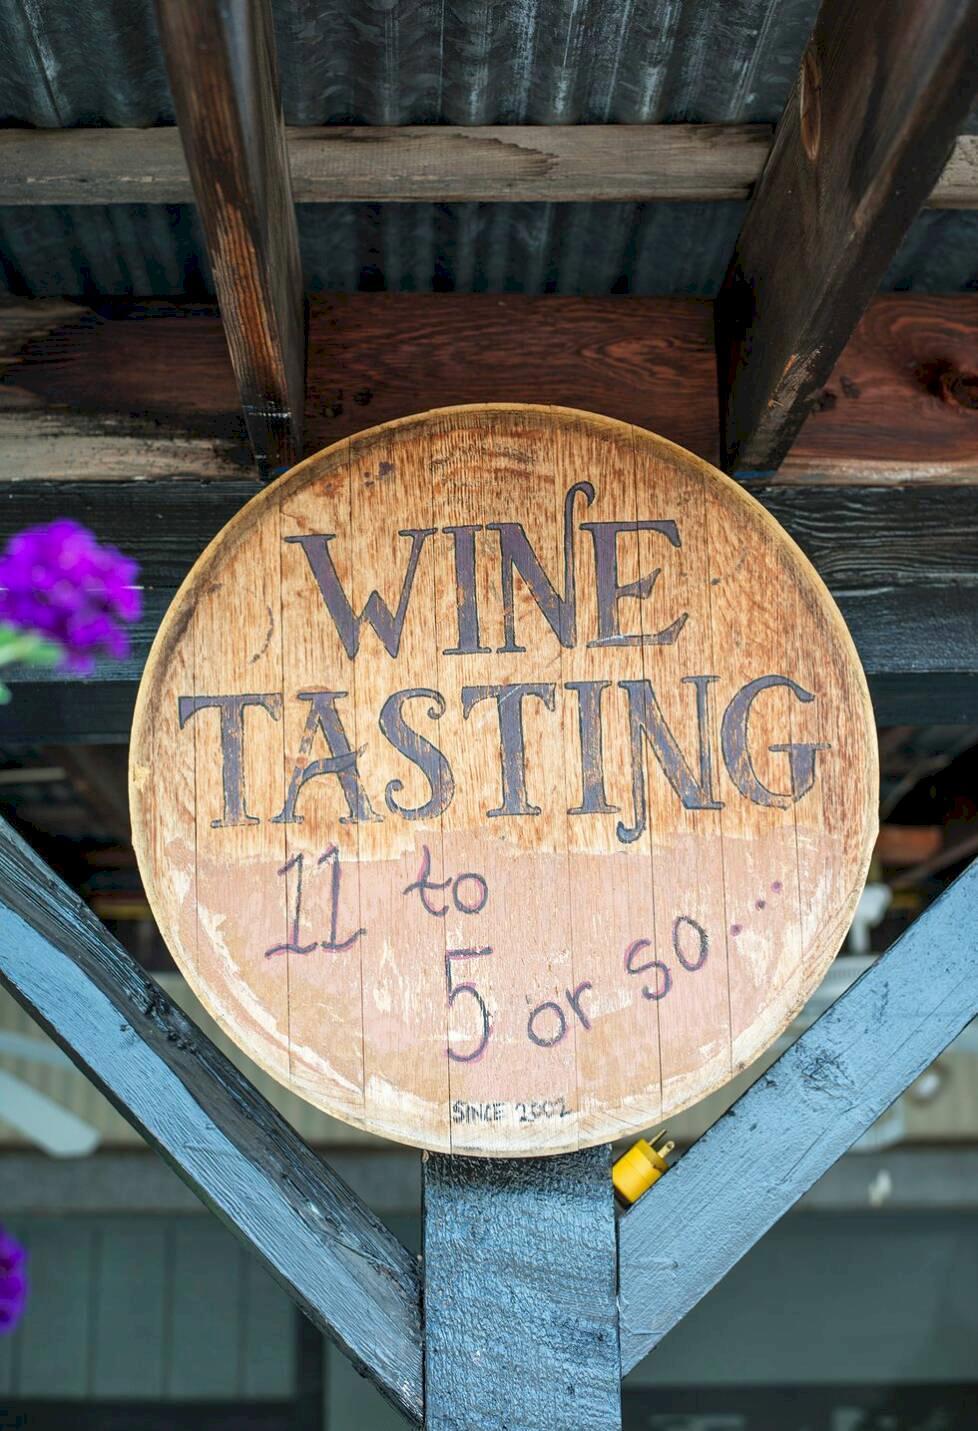 På lyset i Oregon – USA:s nya vinmecka